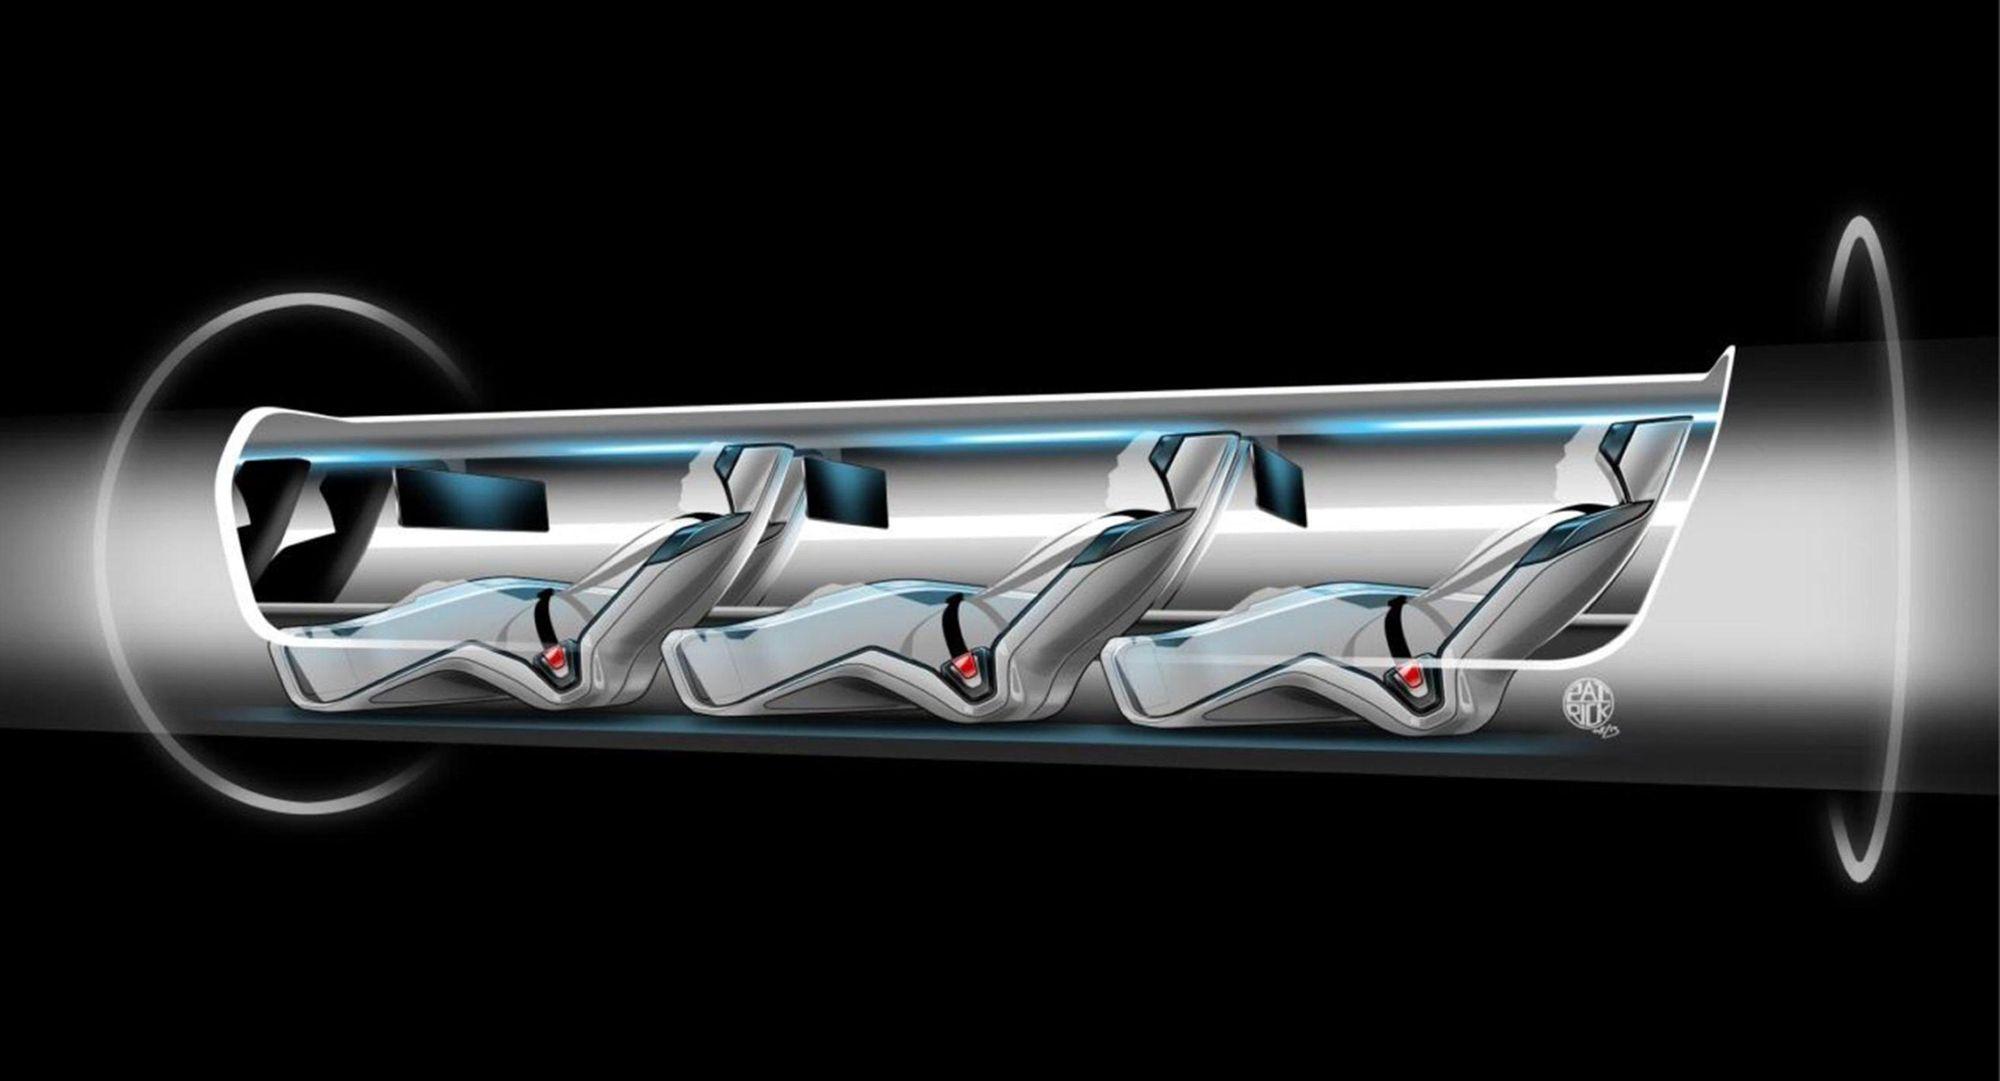 Il treno superveloce Hyperloop rivoluzionerà davvero i trasporti?